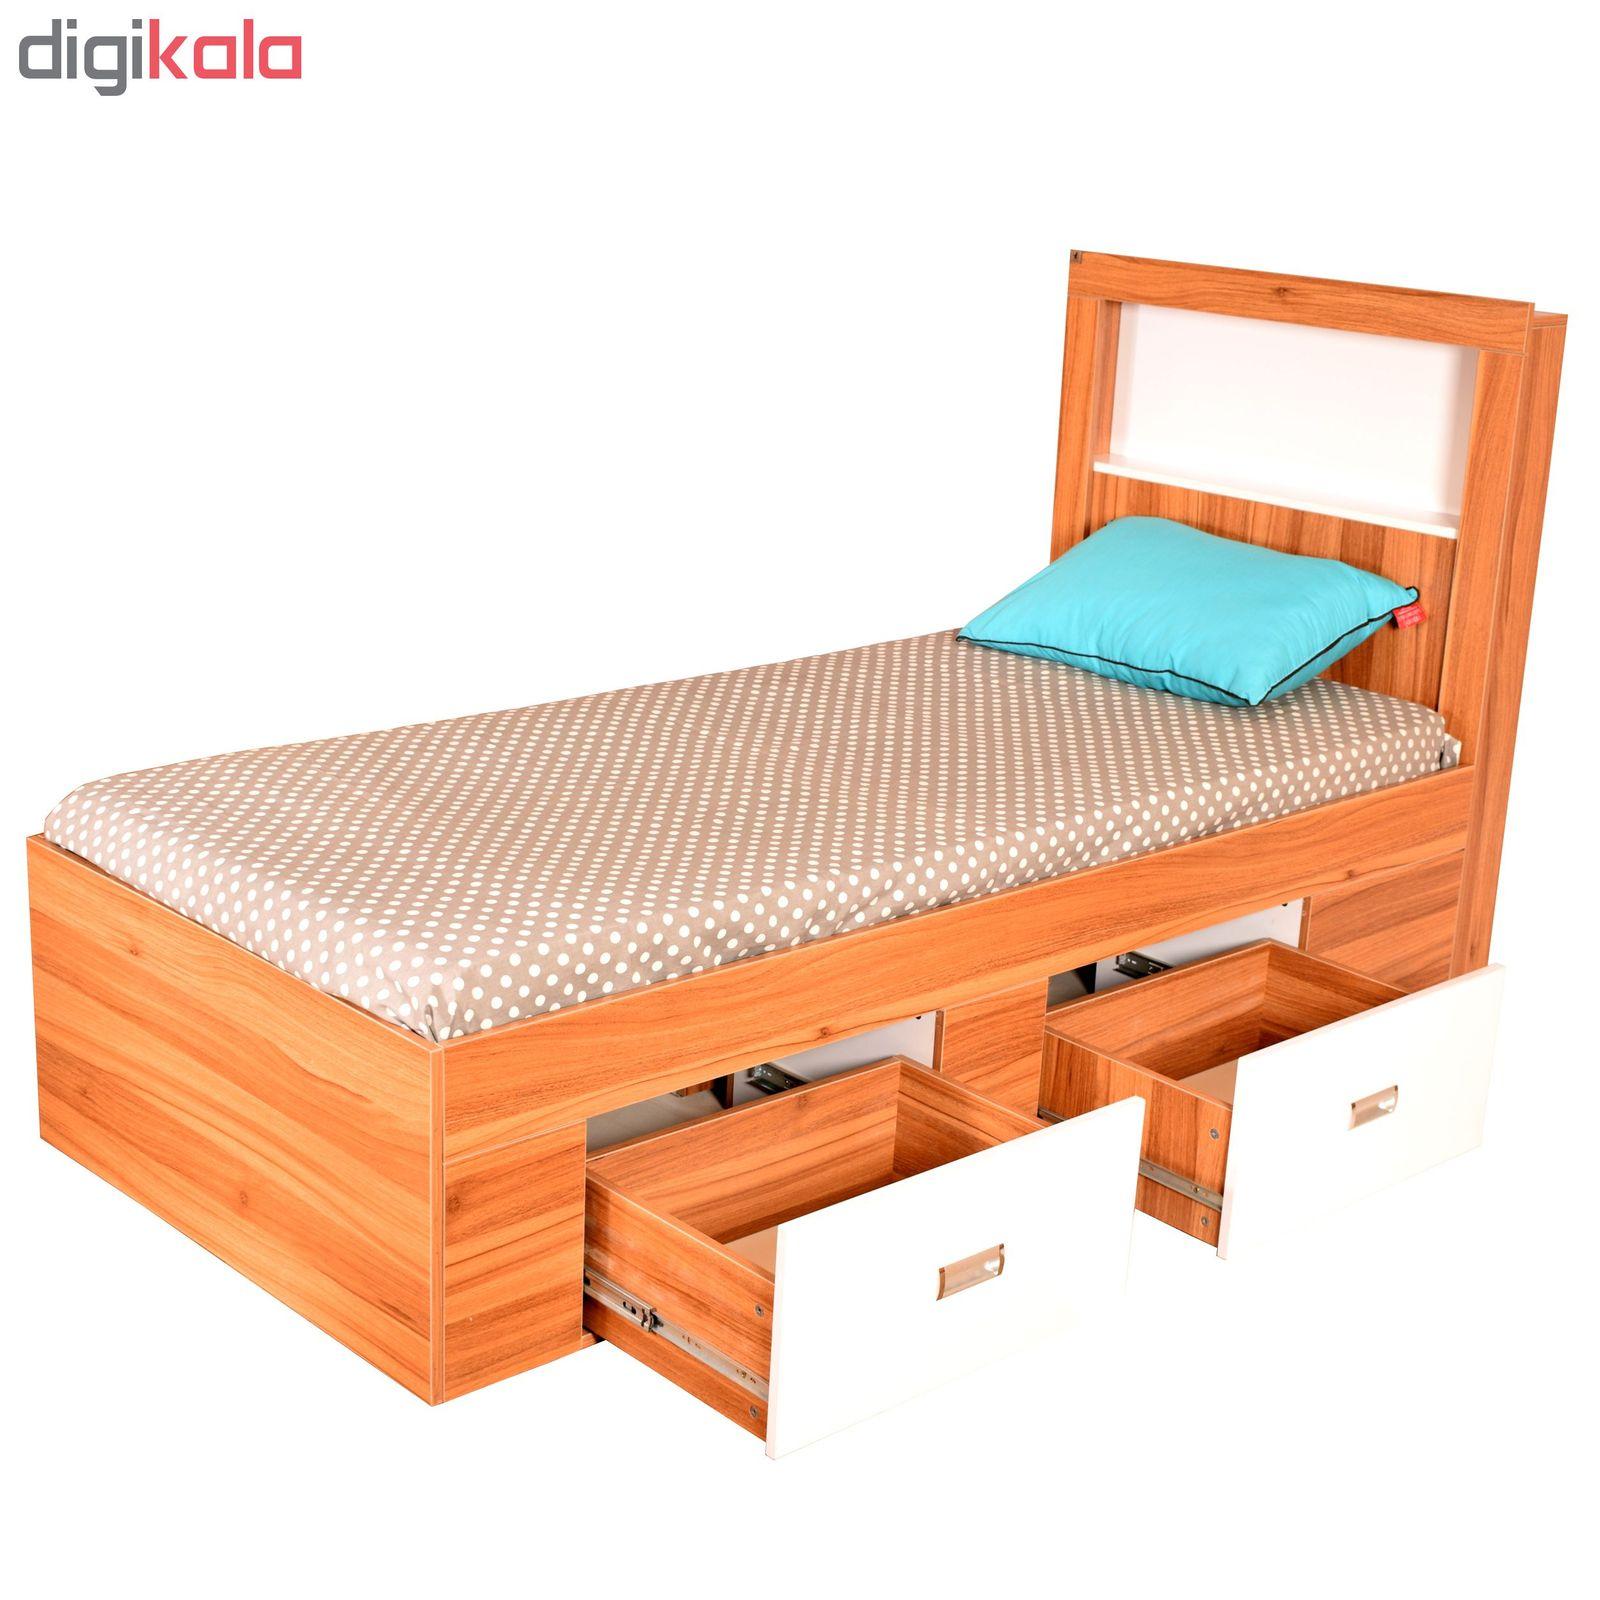 تخت خواب یک نفره لمکده مدل دلارا سایز 211*94 سانتی متر main 1 5